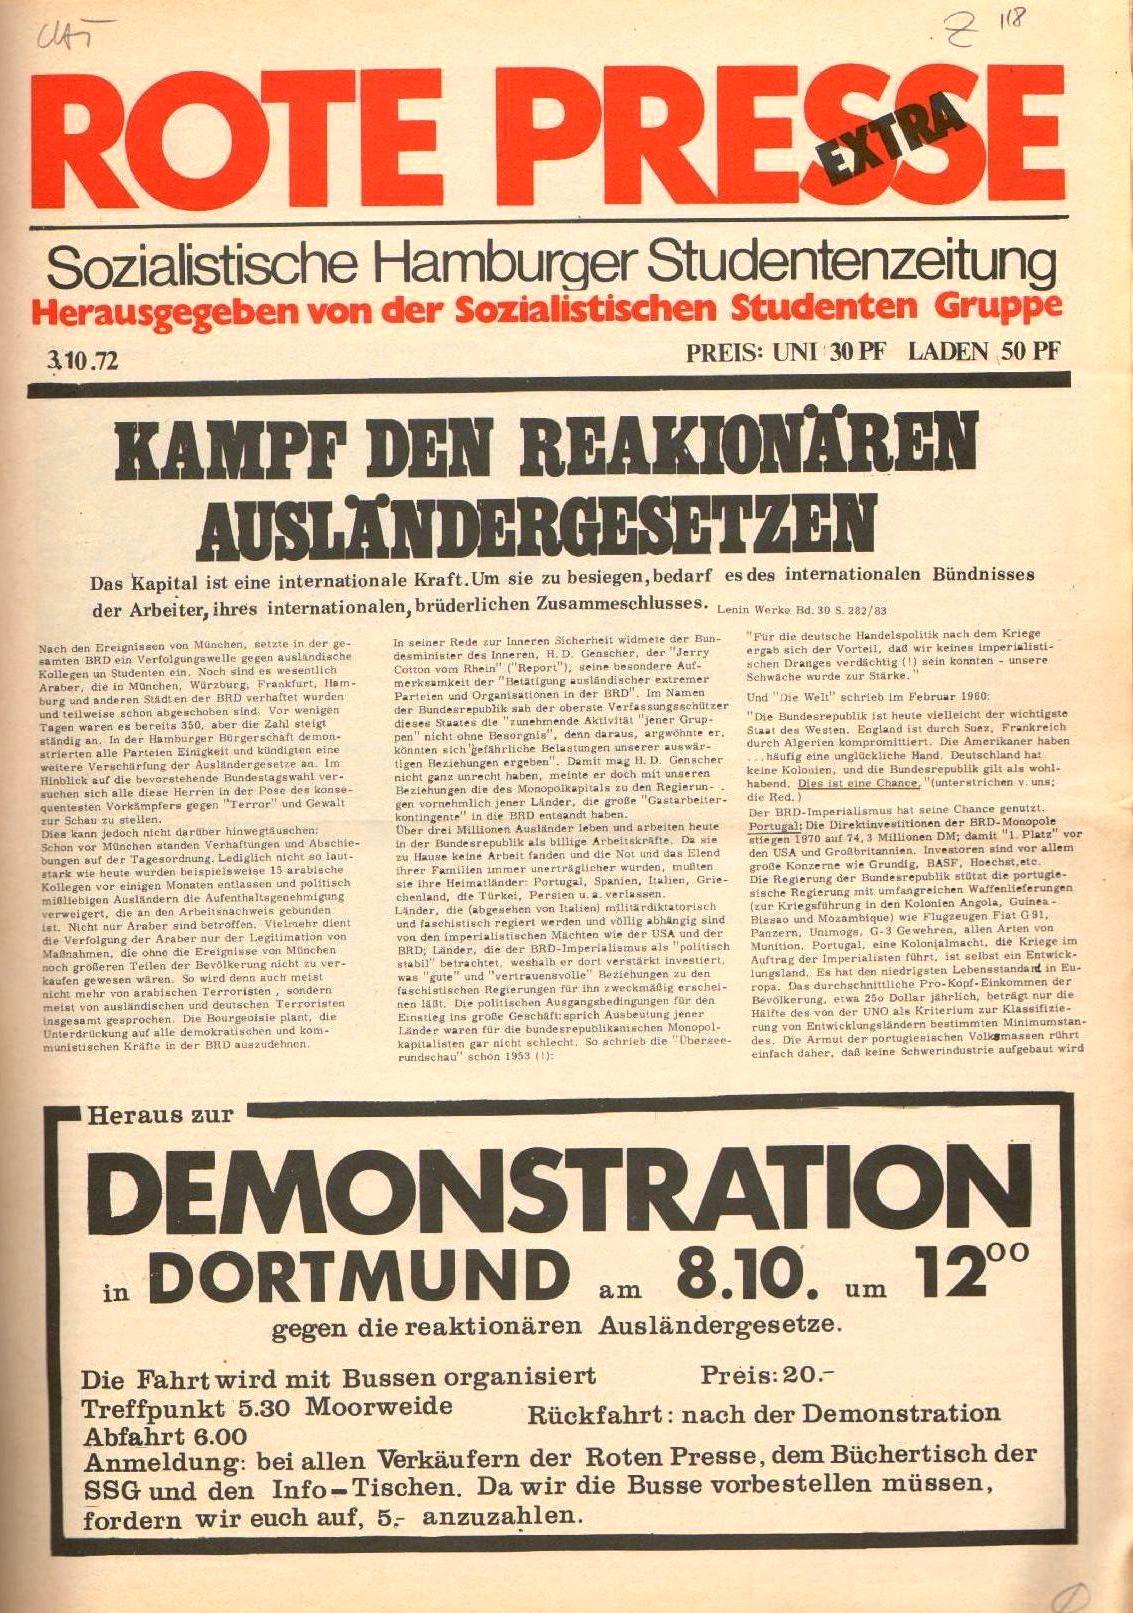 Hamburg_Rote_Presse025